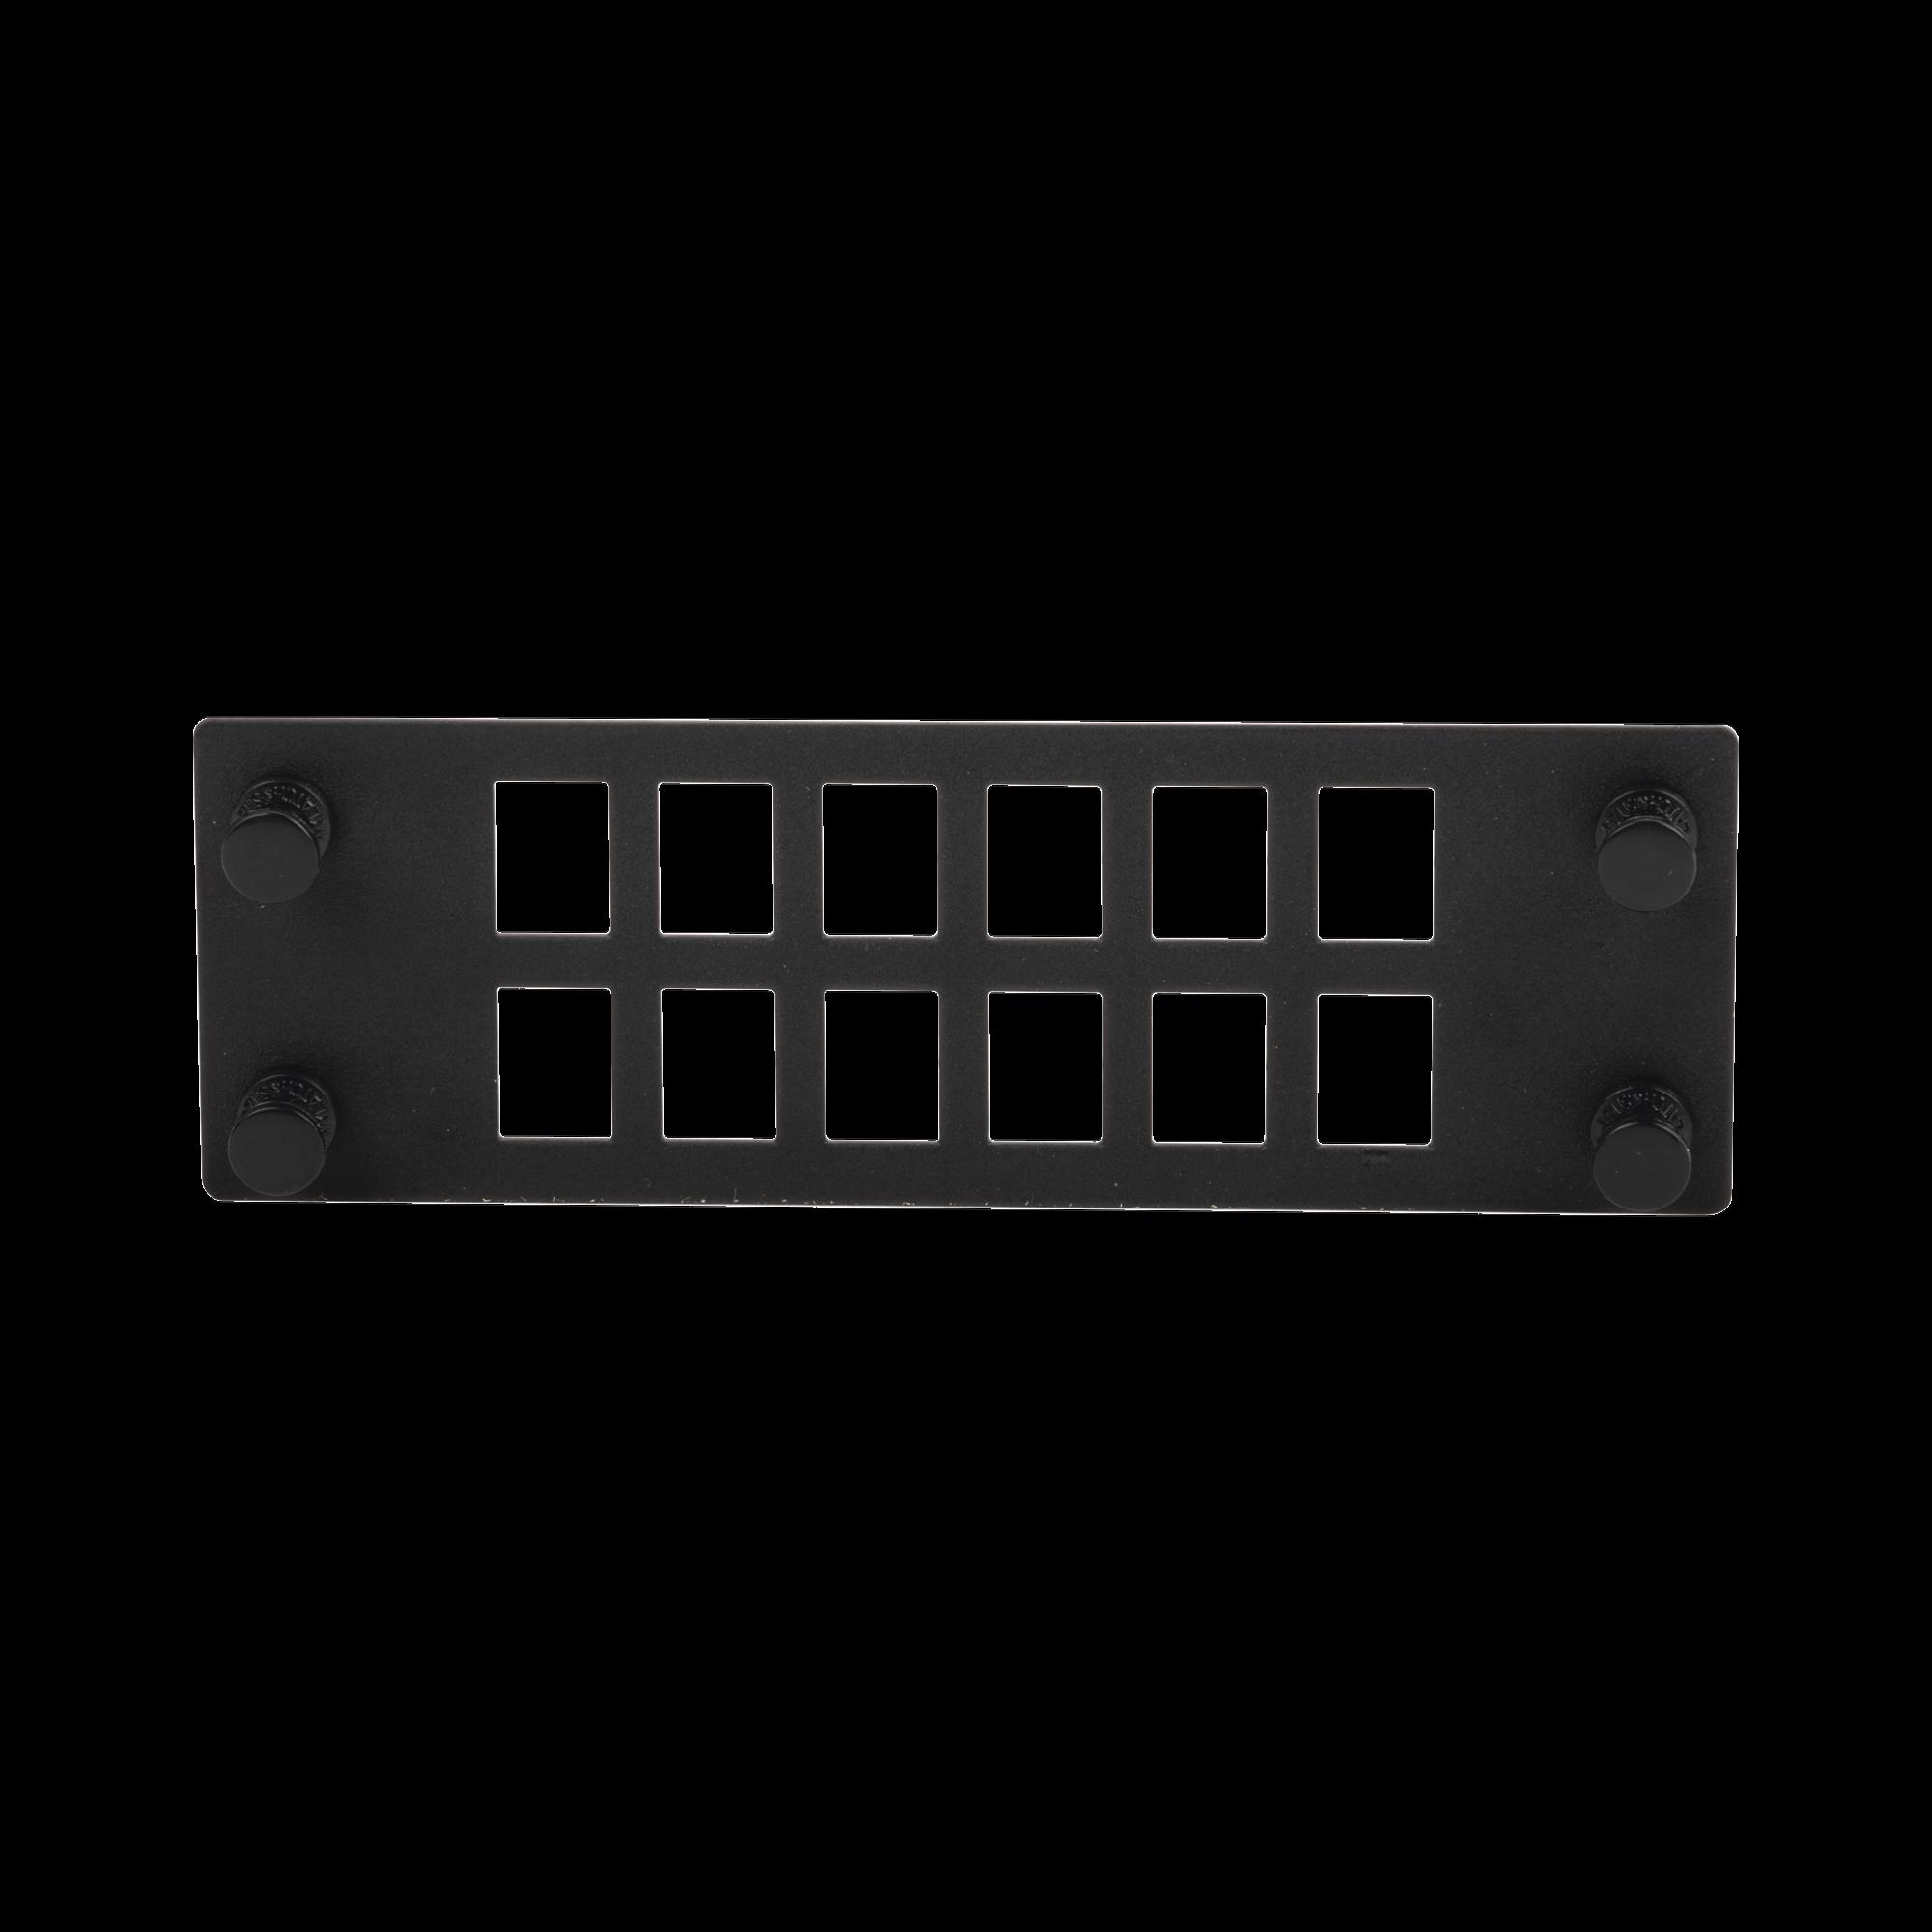 Placa Para 12 Adaptadores de Fibra óptica, Uso con Gabinetes FPONE3 y FPONE4